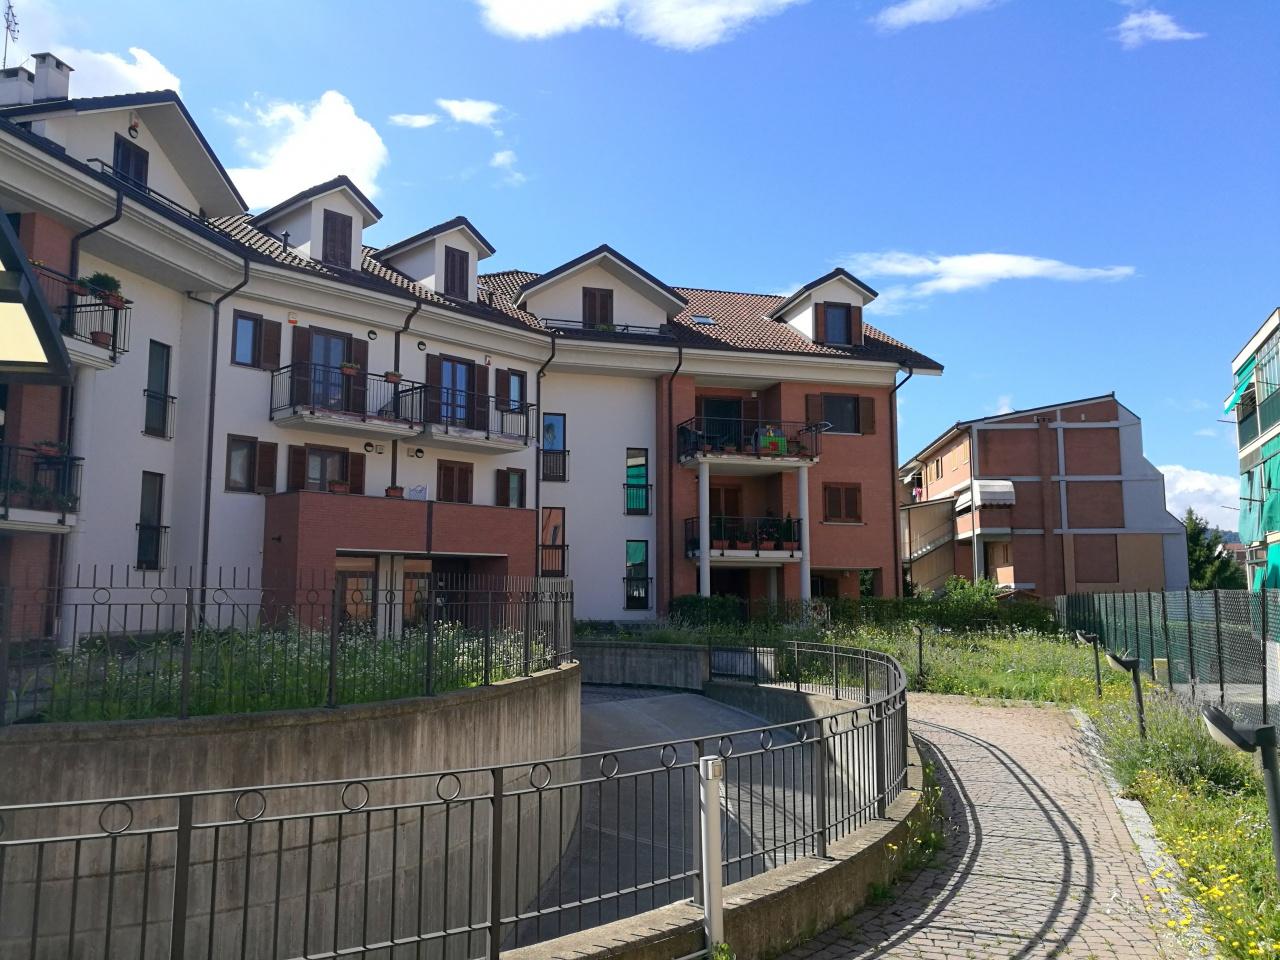 Appartamento in vendita a Chivasso, 4 locali, prezzo € 169.000   CambioCasa.it